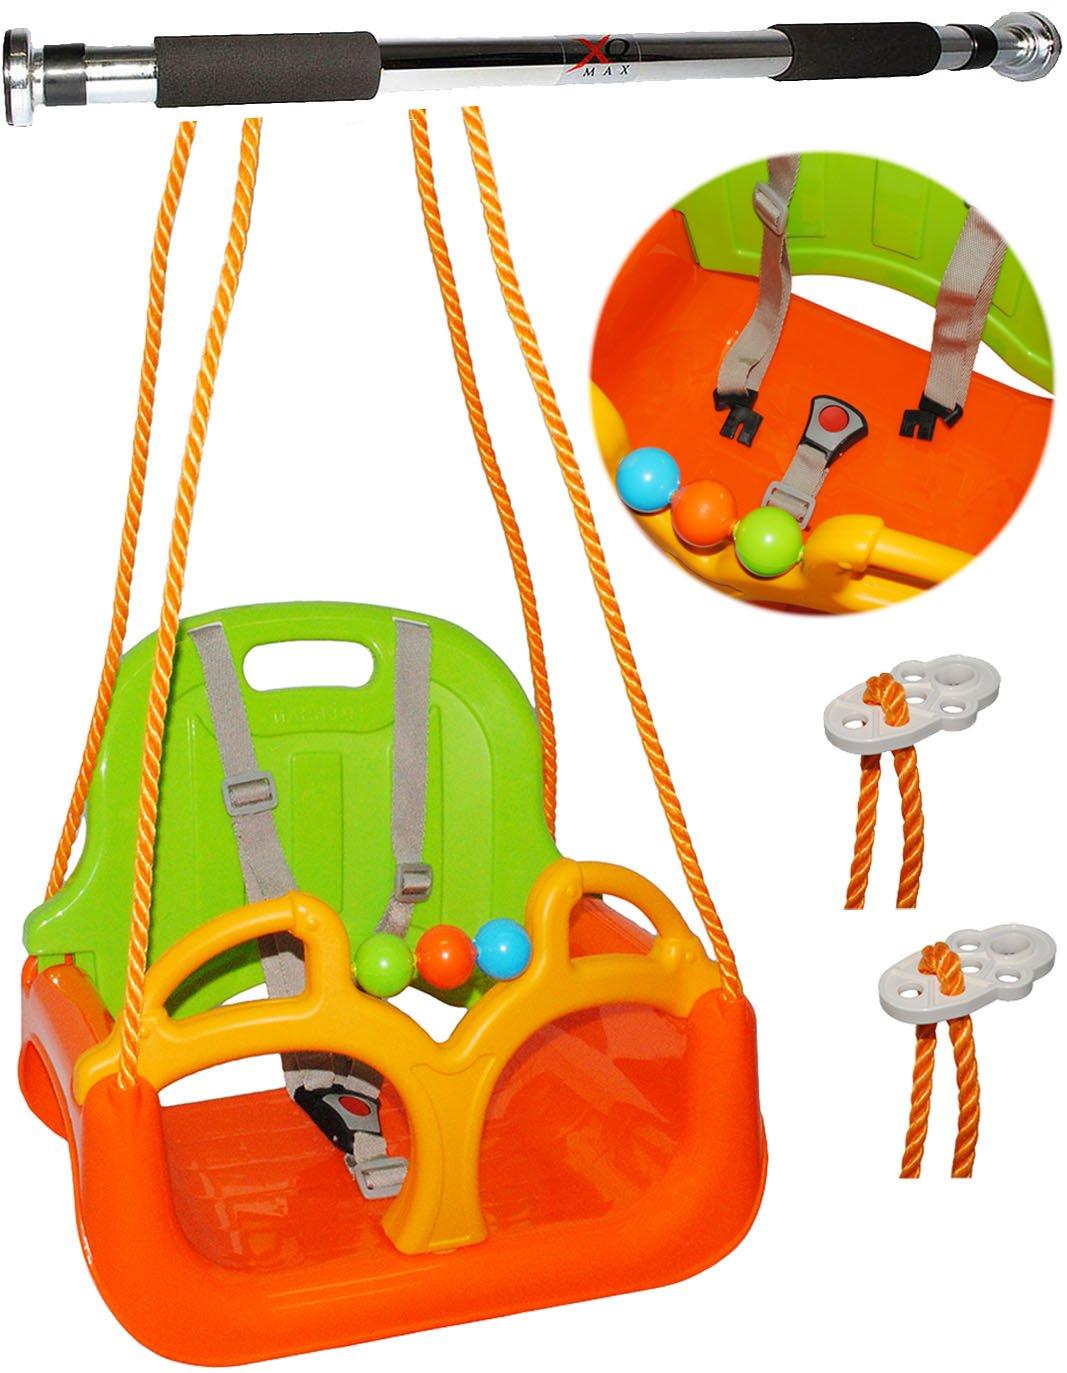 2 tlg. Set: mitwachsende - Kinderschaukel / Babyschaukel / mit Gurt + Türreck - Gitterschaukel mitwachsend & verstellbar -  ORANGE / GRÜN / GELB  - leichter Einstieg ! - 100 kg belastbar - Kinderschaukel ab 1 Jahre - Reck für Türrahmen Befestigung - Stange - Türstange - mit Rückenlehne & Seitenschutz - Schaukel für Kinder - Innen und Außen / Garten - für Baby´s - Sicherheitsgurt - Gitterschaukel / Kleinkindschaukel - Baby - aus Kunststoff / Plastik - Kunststoffschaukel - mitwachsend